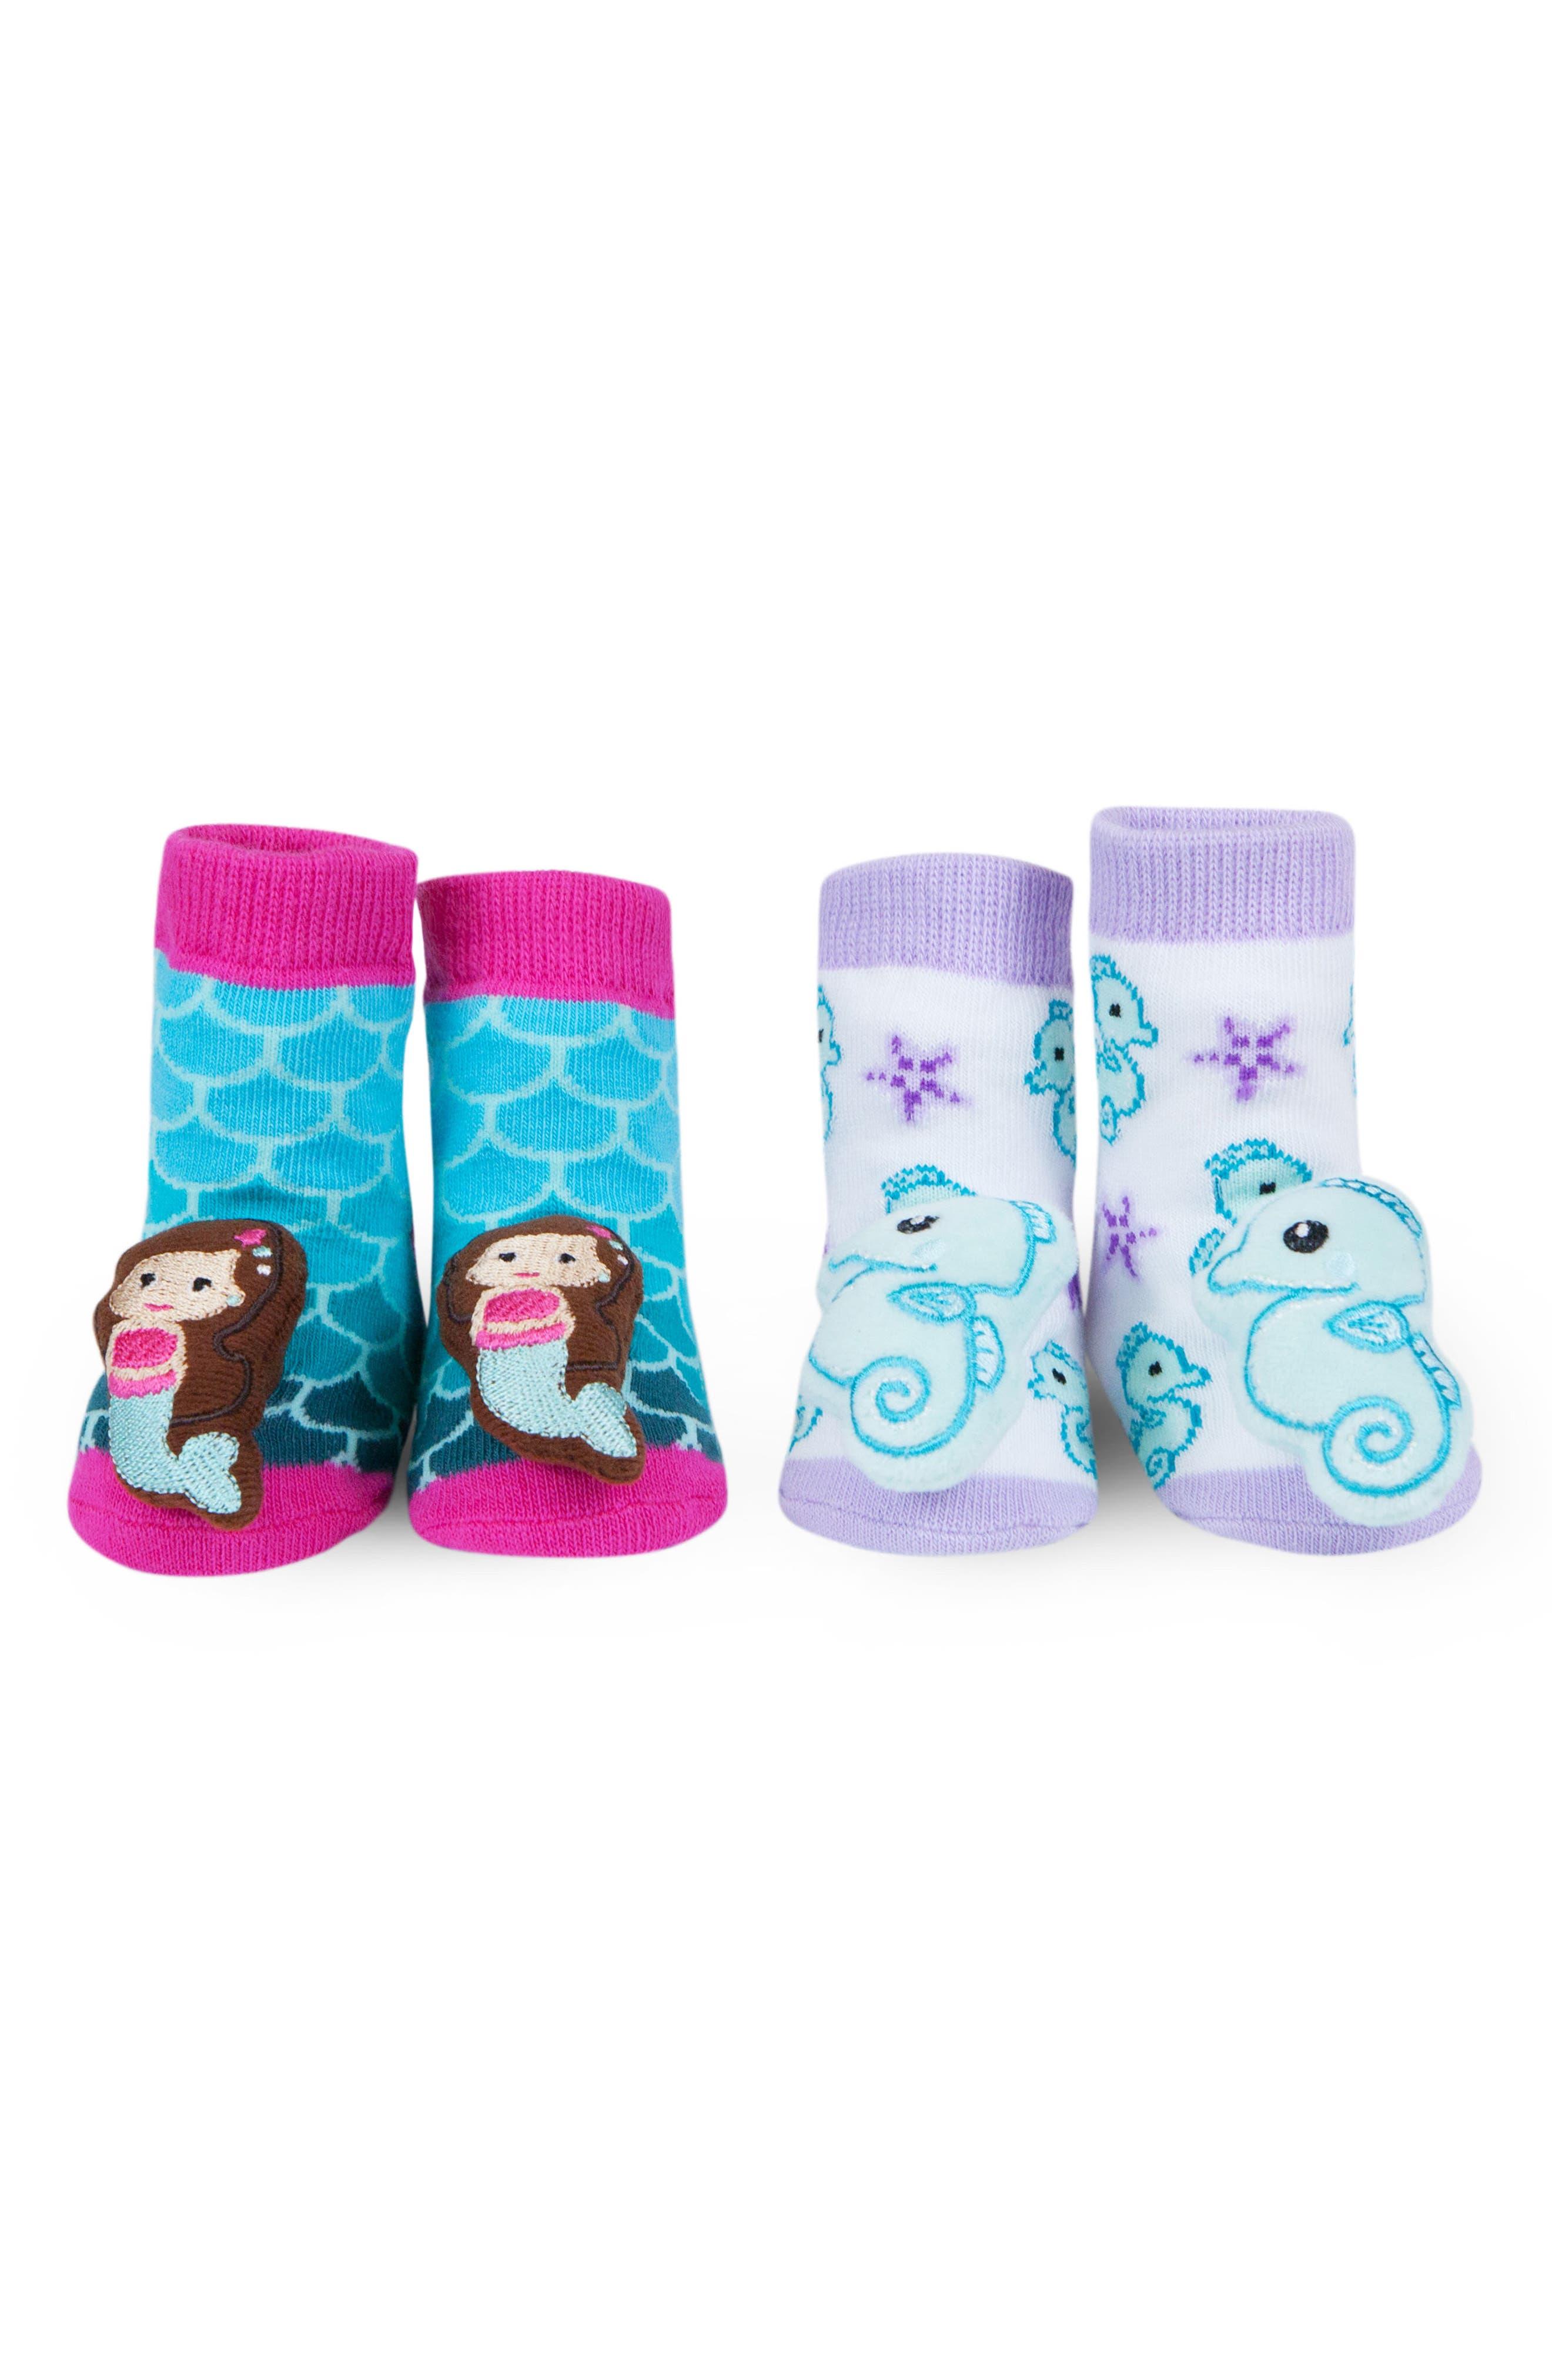 Mermaids 2-Pack Rattle Socks,                         Main,                         color, Fuchsia/ Light Purple